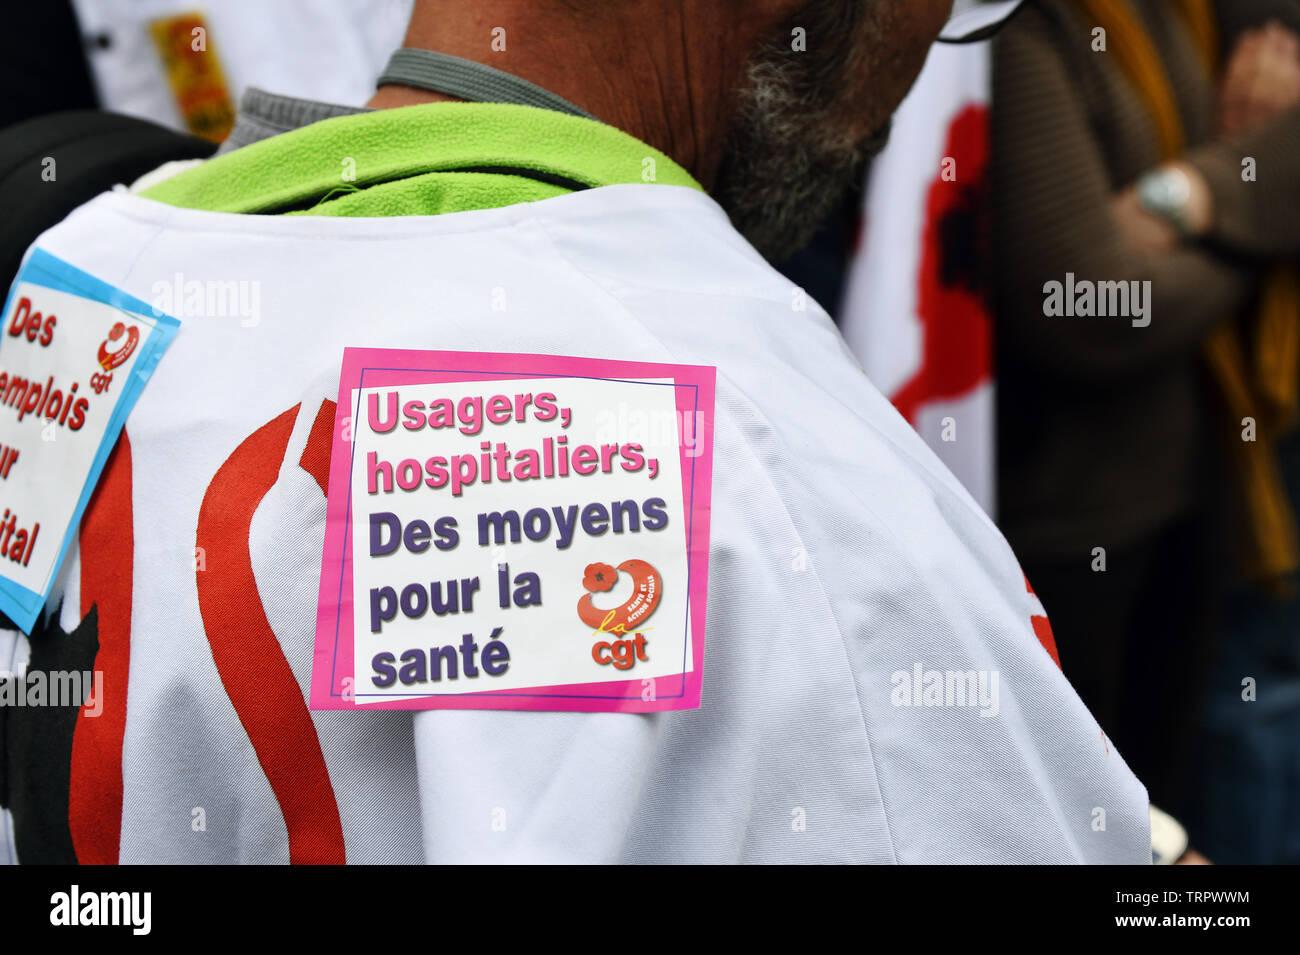 Los trabajadores de atención de salud de emergencia protesta en Paris - Francia Imagen De Stock